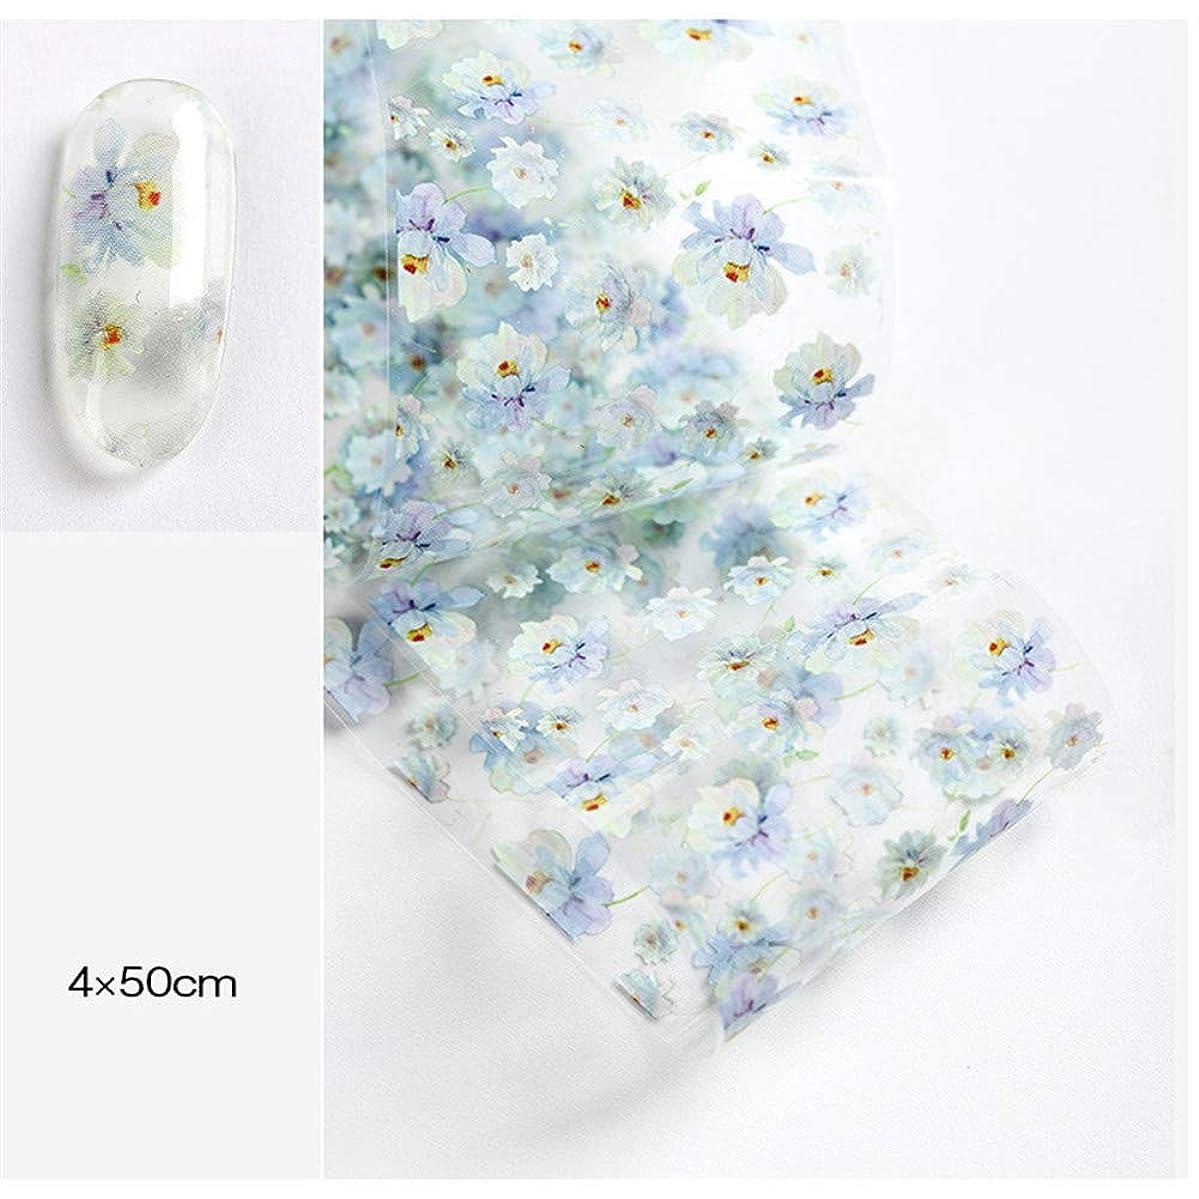 白内障目に見える顕微鏡1シール 50cm フラワー ネイルホイル レース 桜 春 ネイルデコ ステッカー ネイルアート ホイル (6)